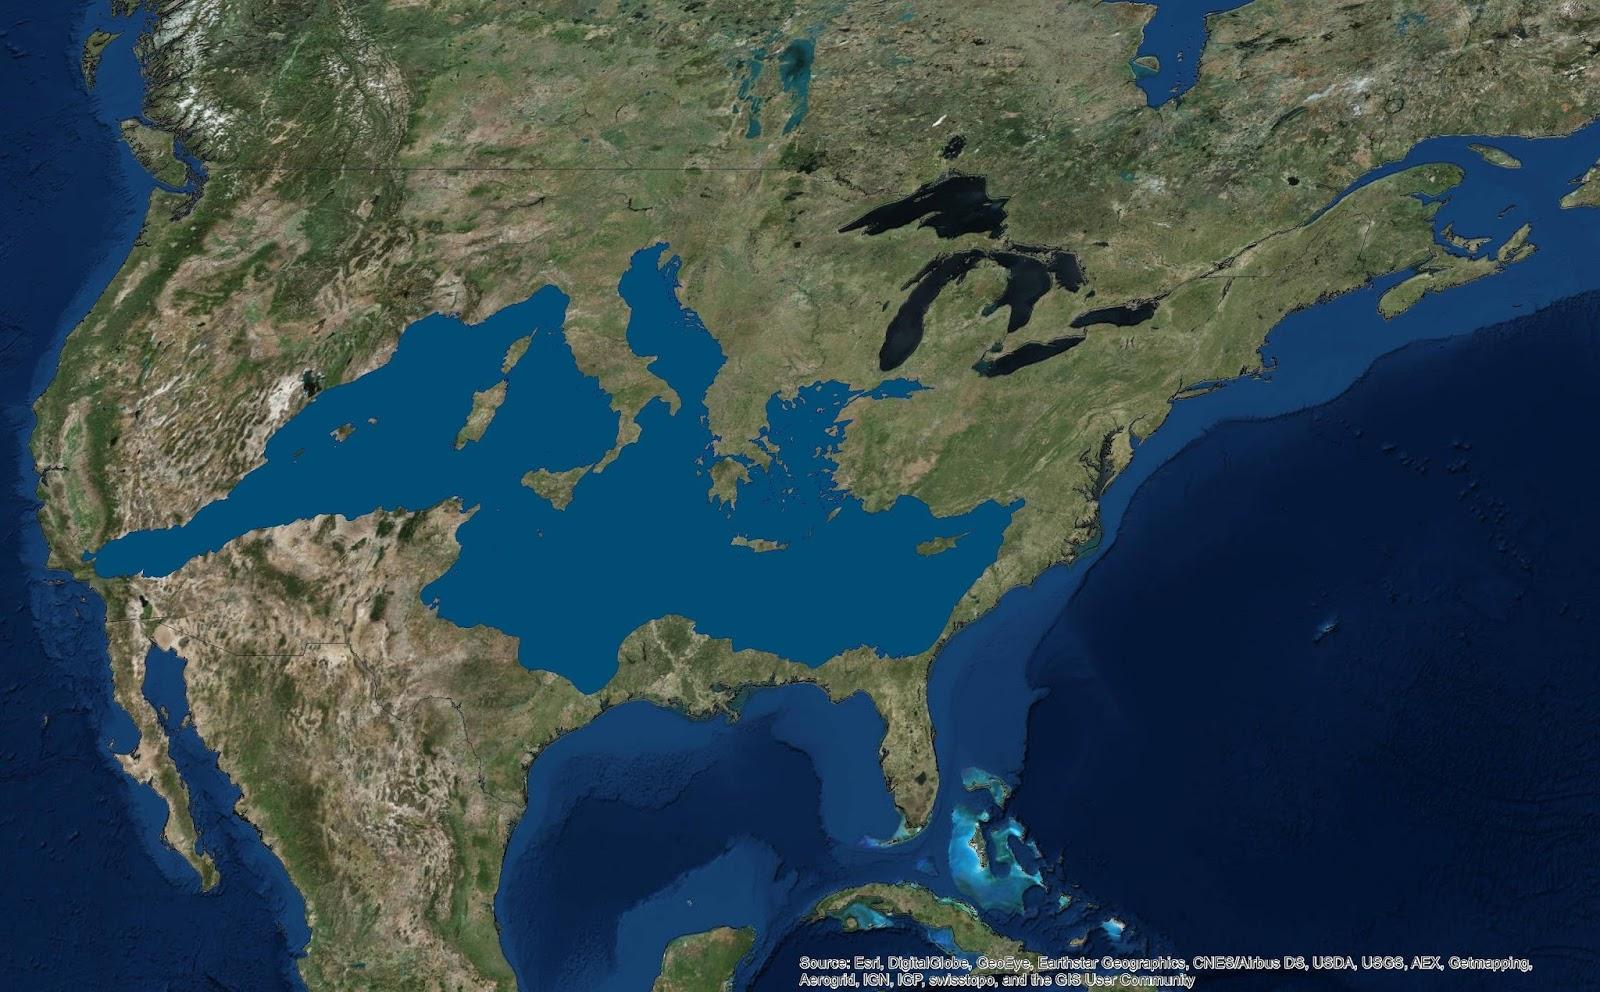 If the Mediterranean Sea were in the U.S.